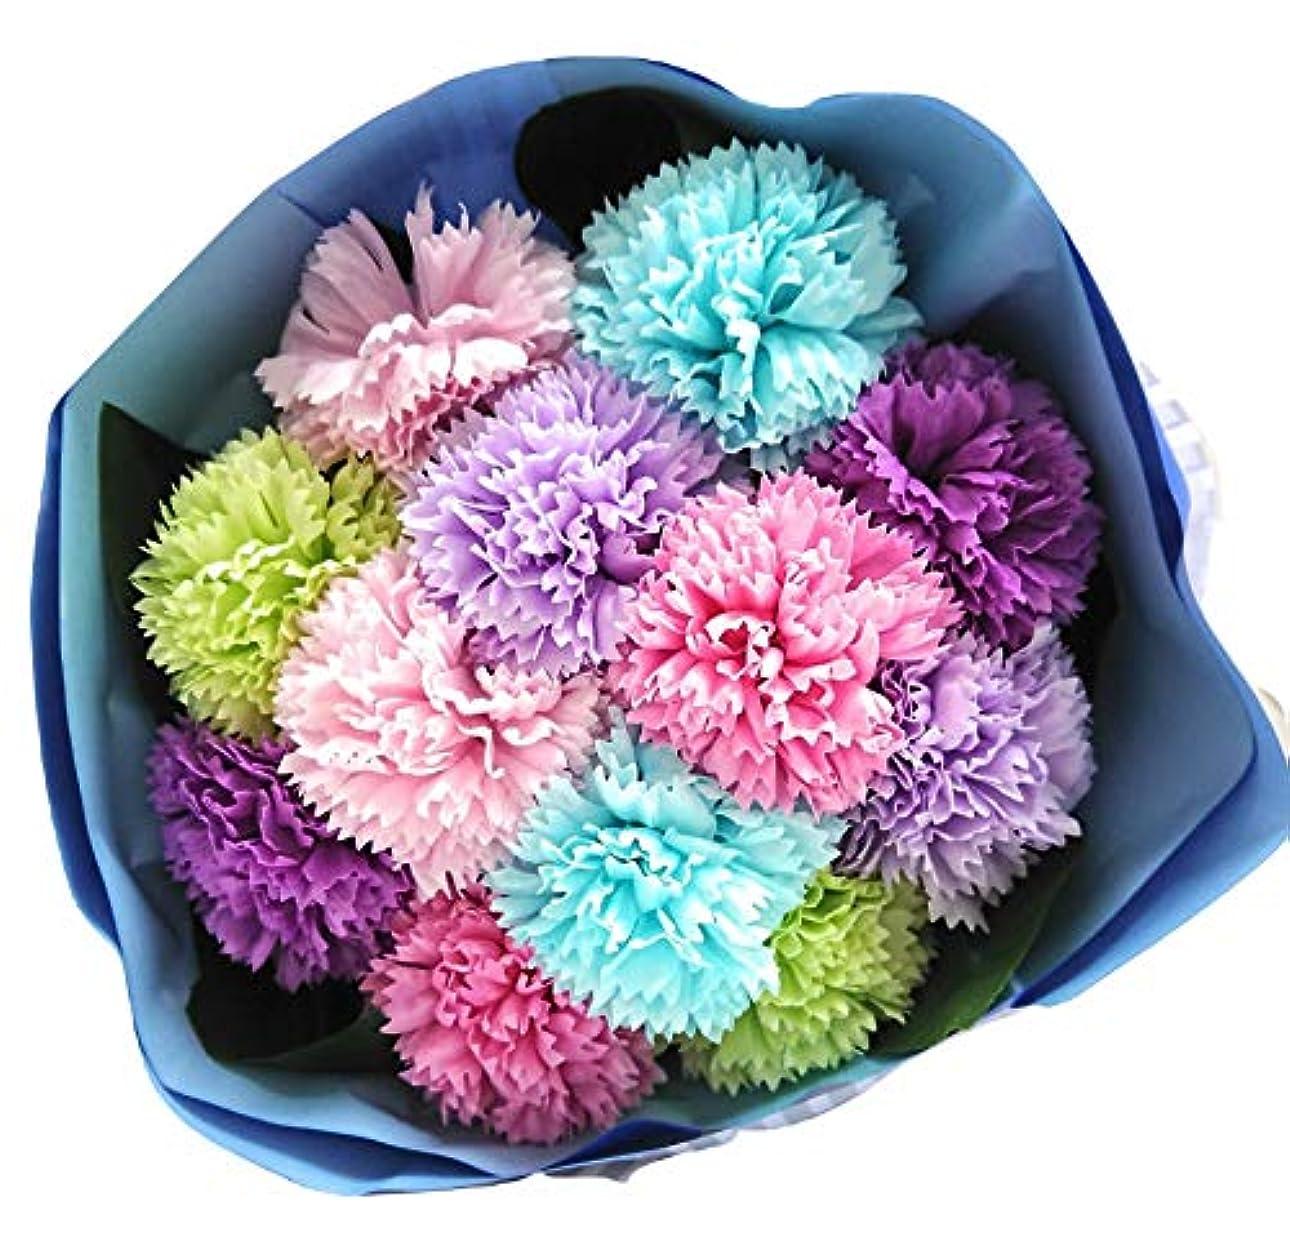 潤滑する住人分数バスフレグランス バスフラワー カーネーションブーケ 母の日 ギフト お花の形の入浴剤 (MIX)